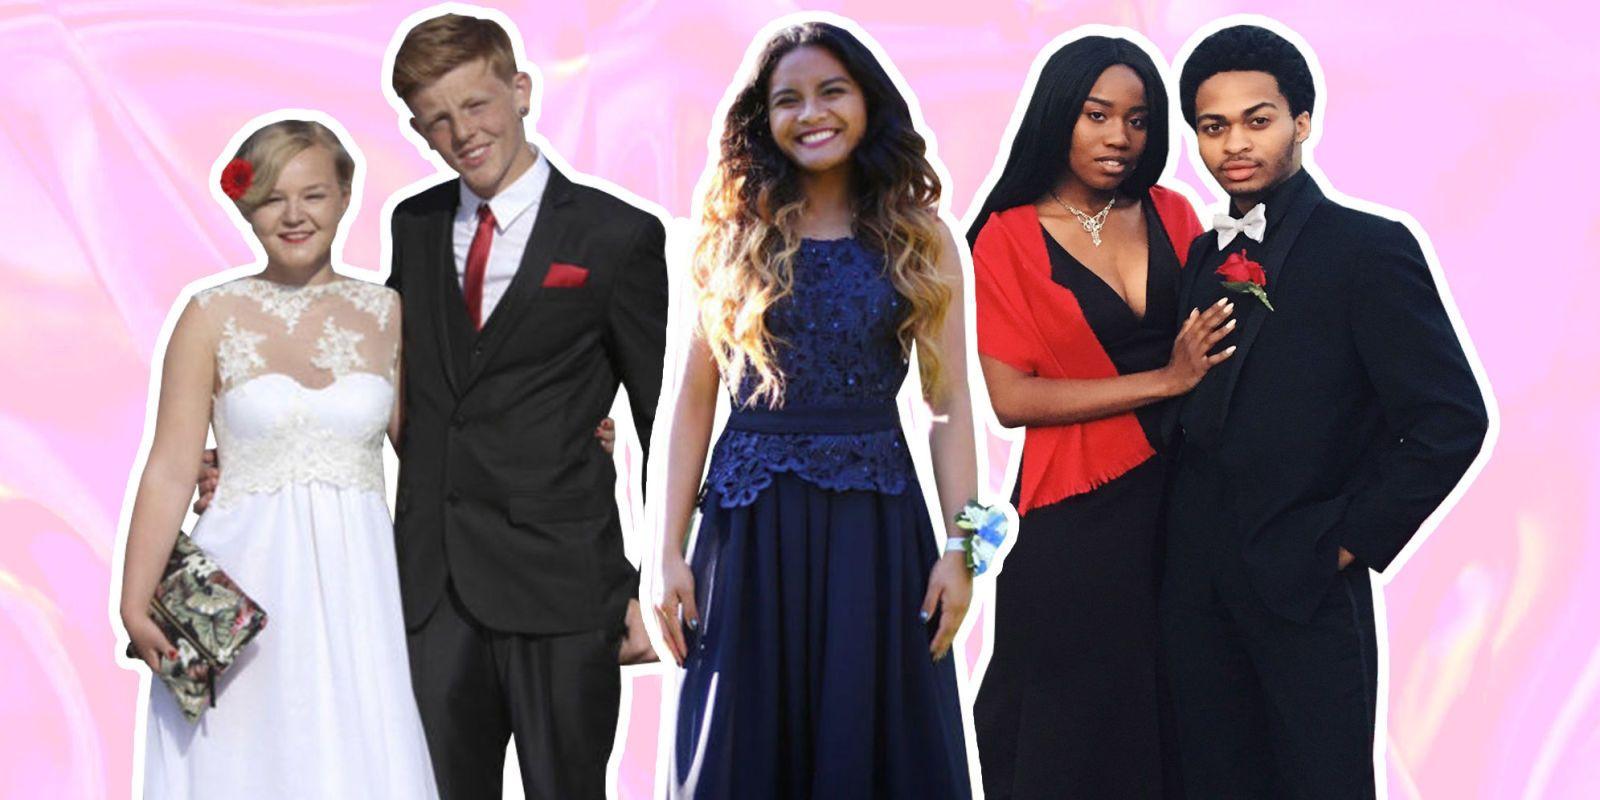 Teen Wearing Low-Cut Prom Dress